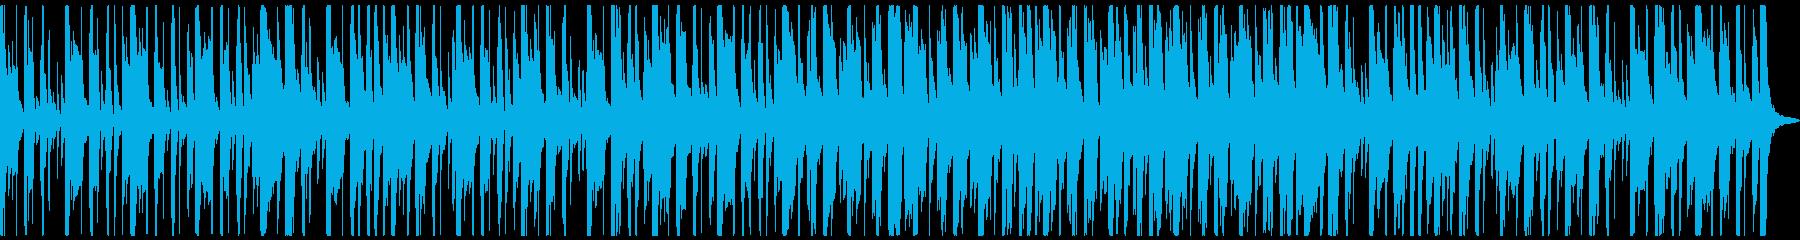 ピアノ、シンセ、ギターのファンキー...の再生済みの波形